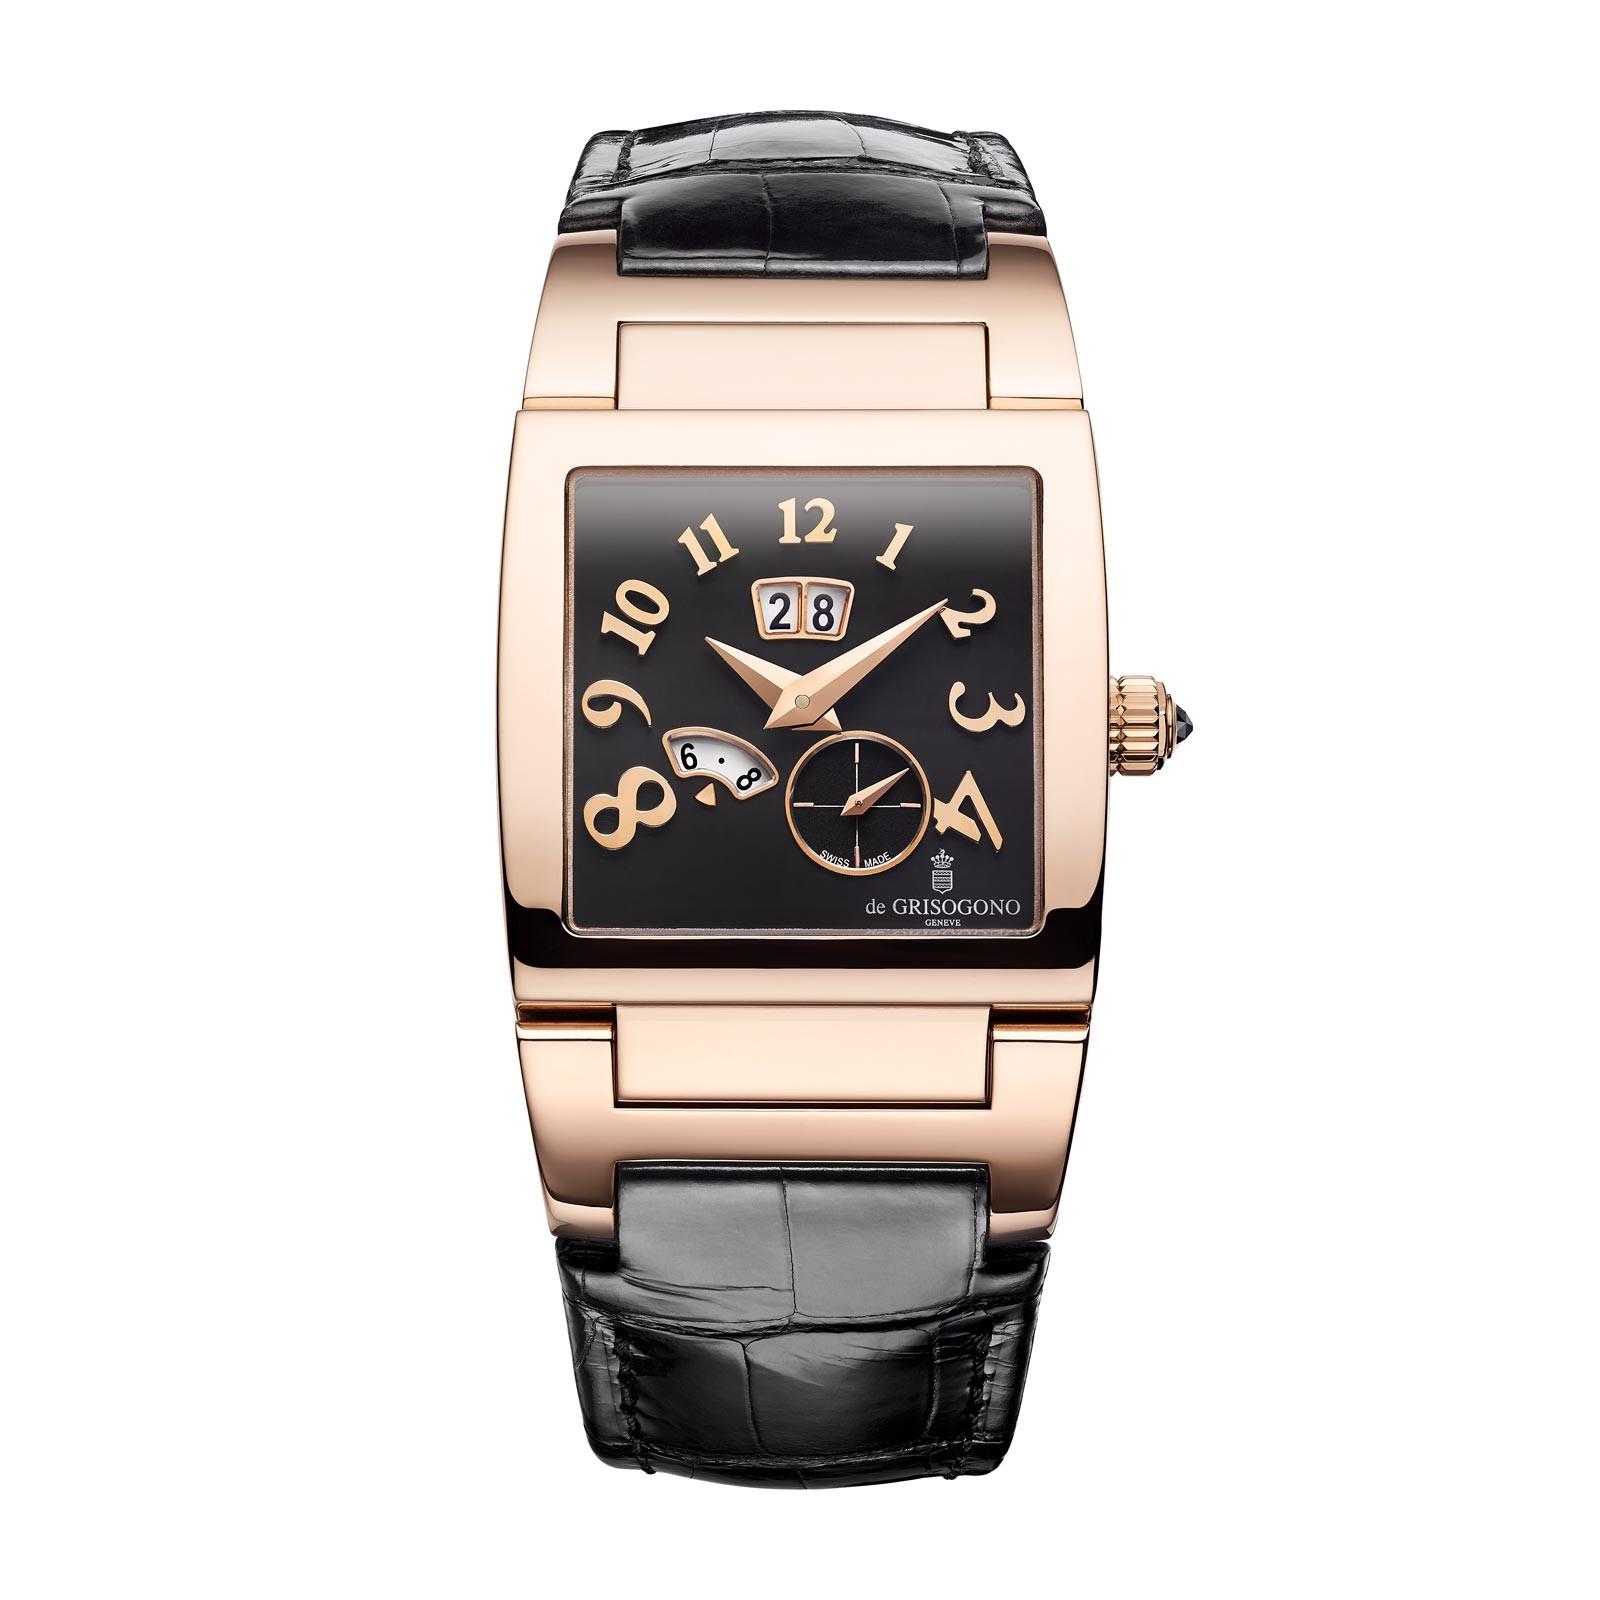 Быстро продать элитные швейцарские часы de Grisogono в Москве 08538ec2ee9